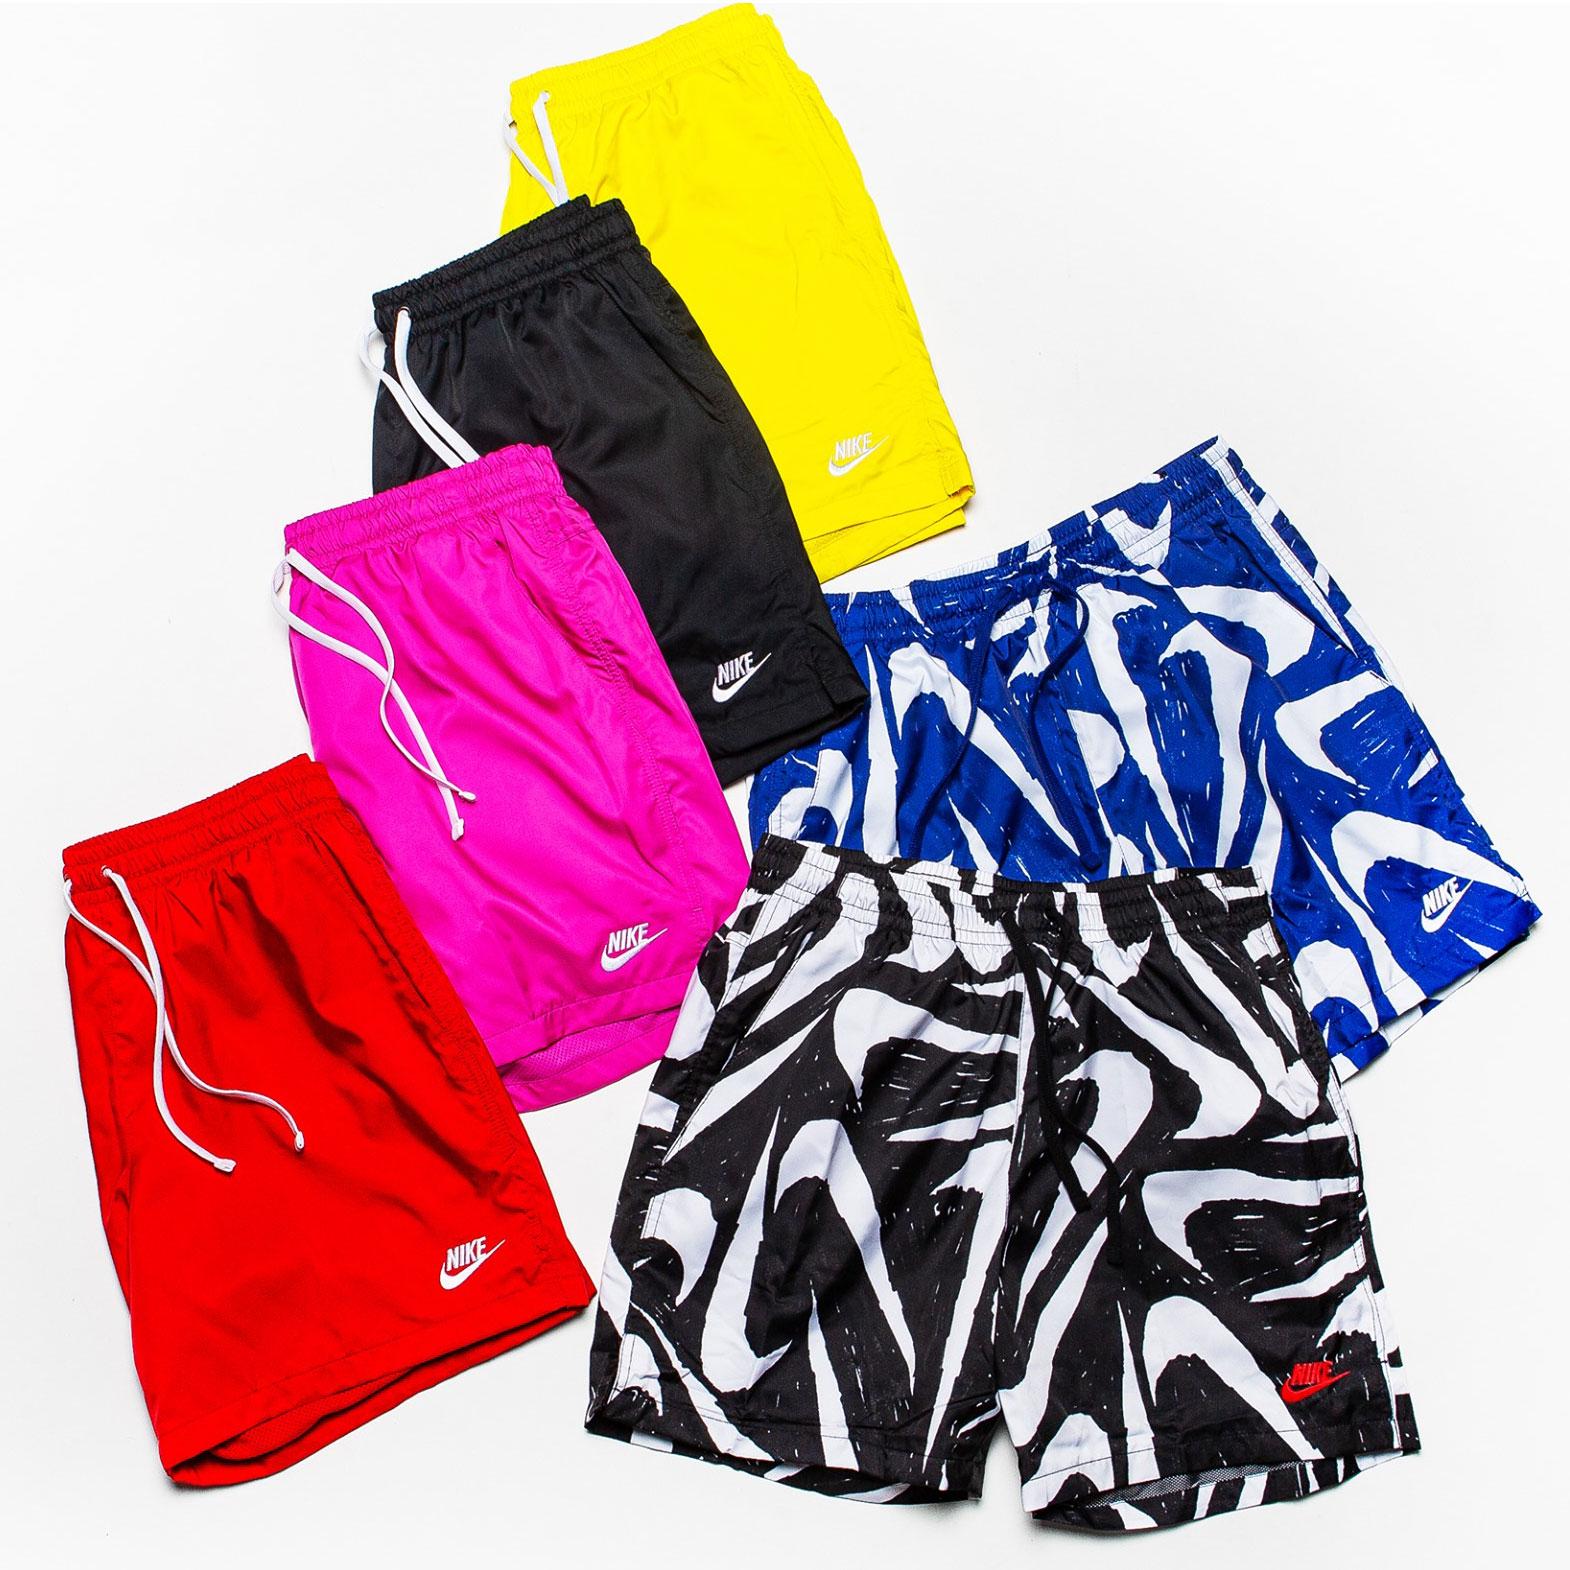 nike-sportswear-woven-shorts-2020-summer-2